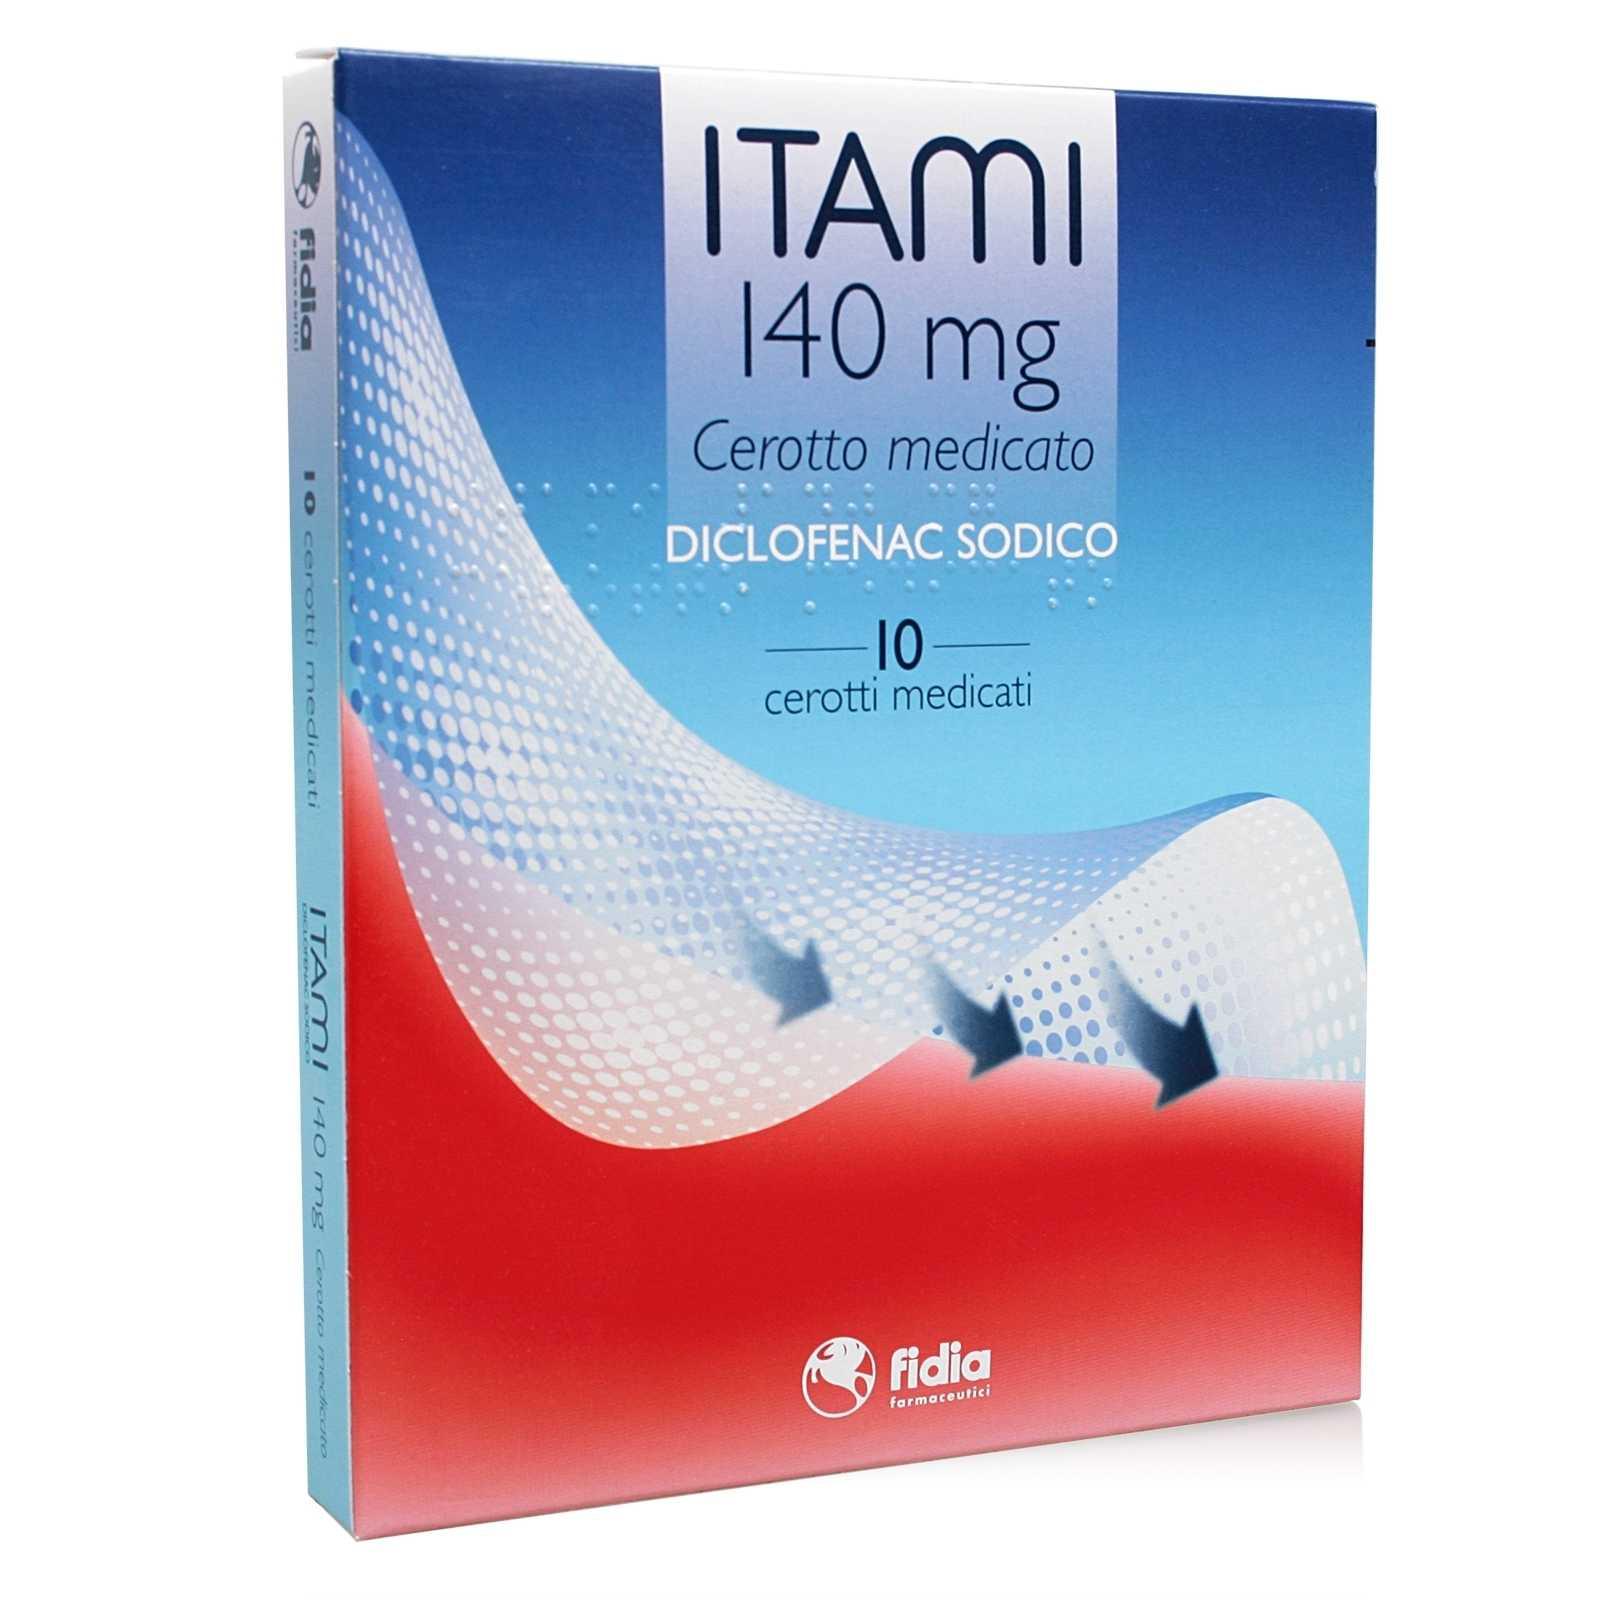 Itami - 10 Cerotti